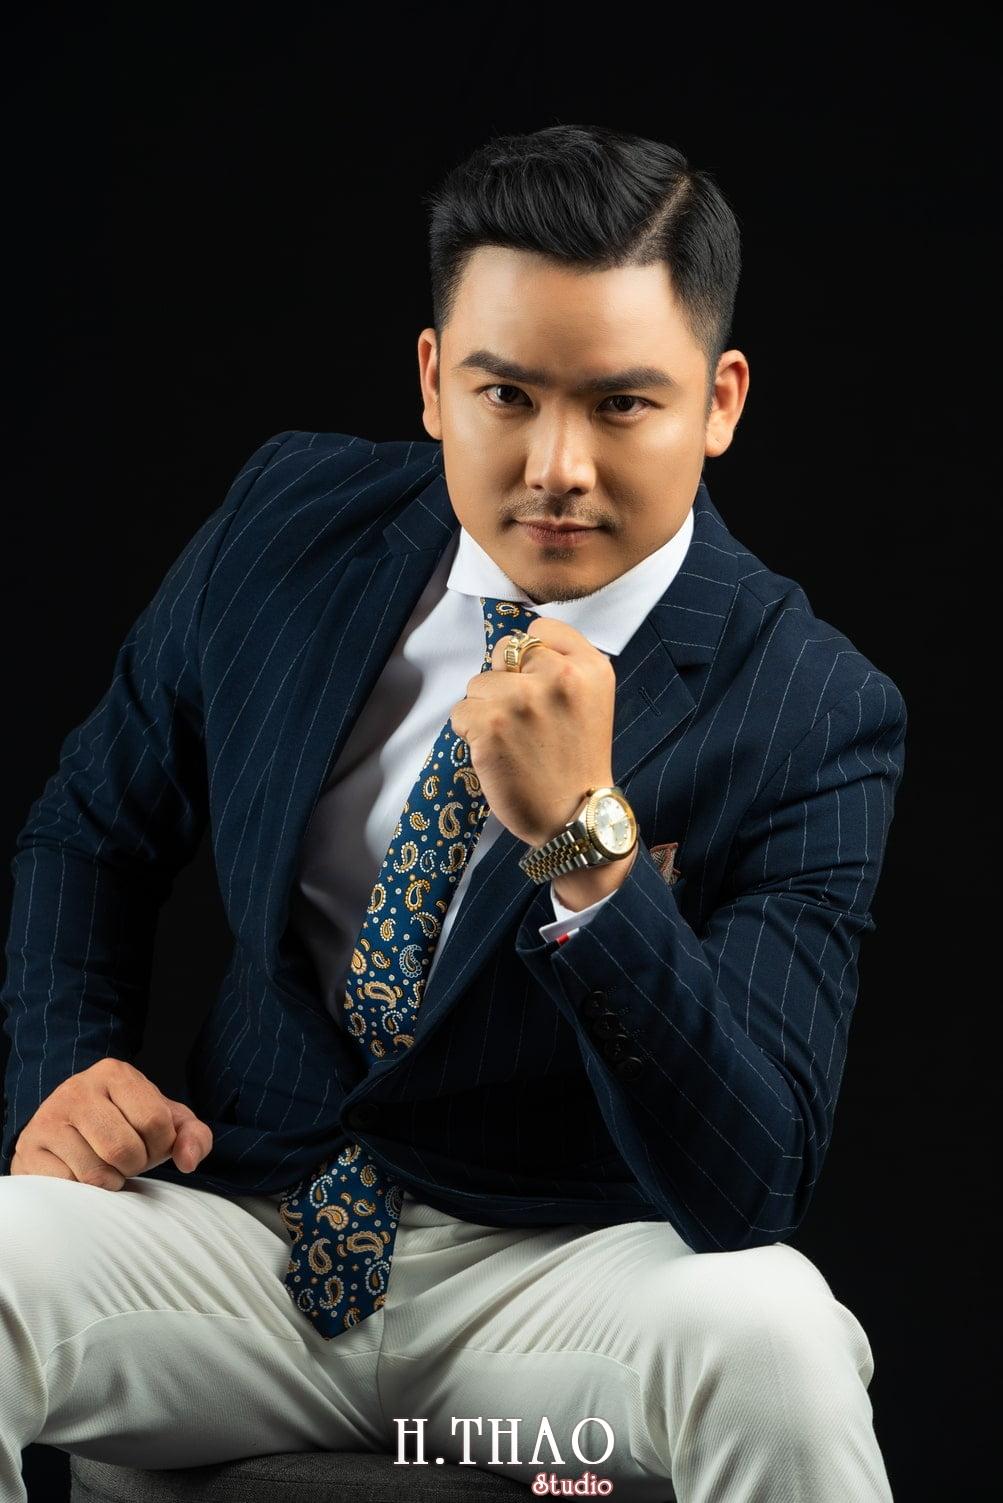 Anh Doanh nhan 36 - Ảnh doanh nhân, CEO & Founder PFT Academy Mr.Tuan Anh – HThao Studio